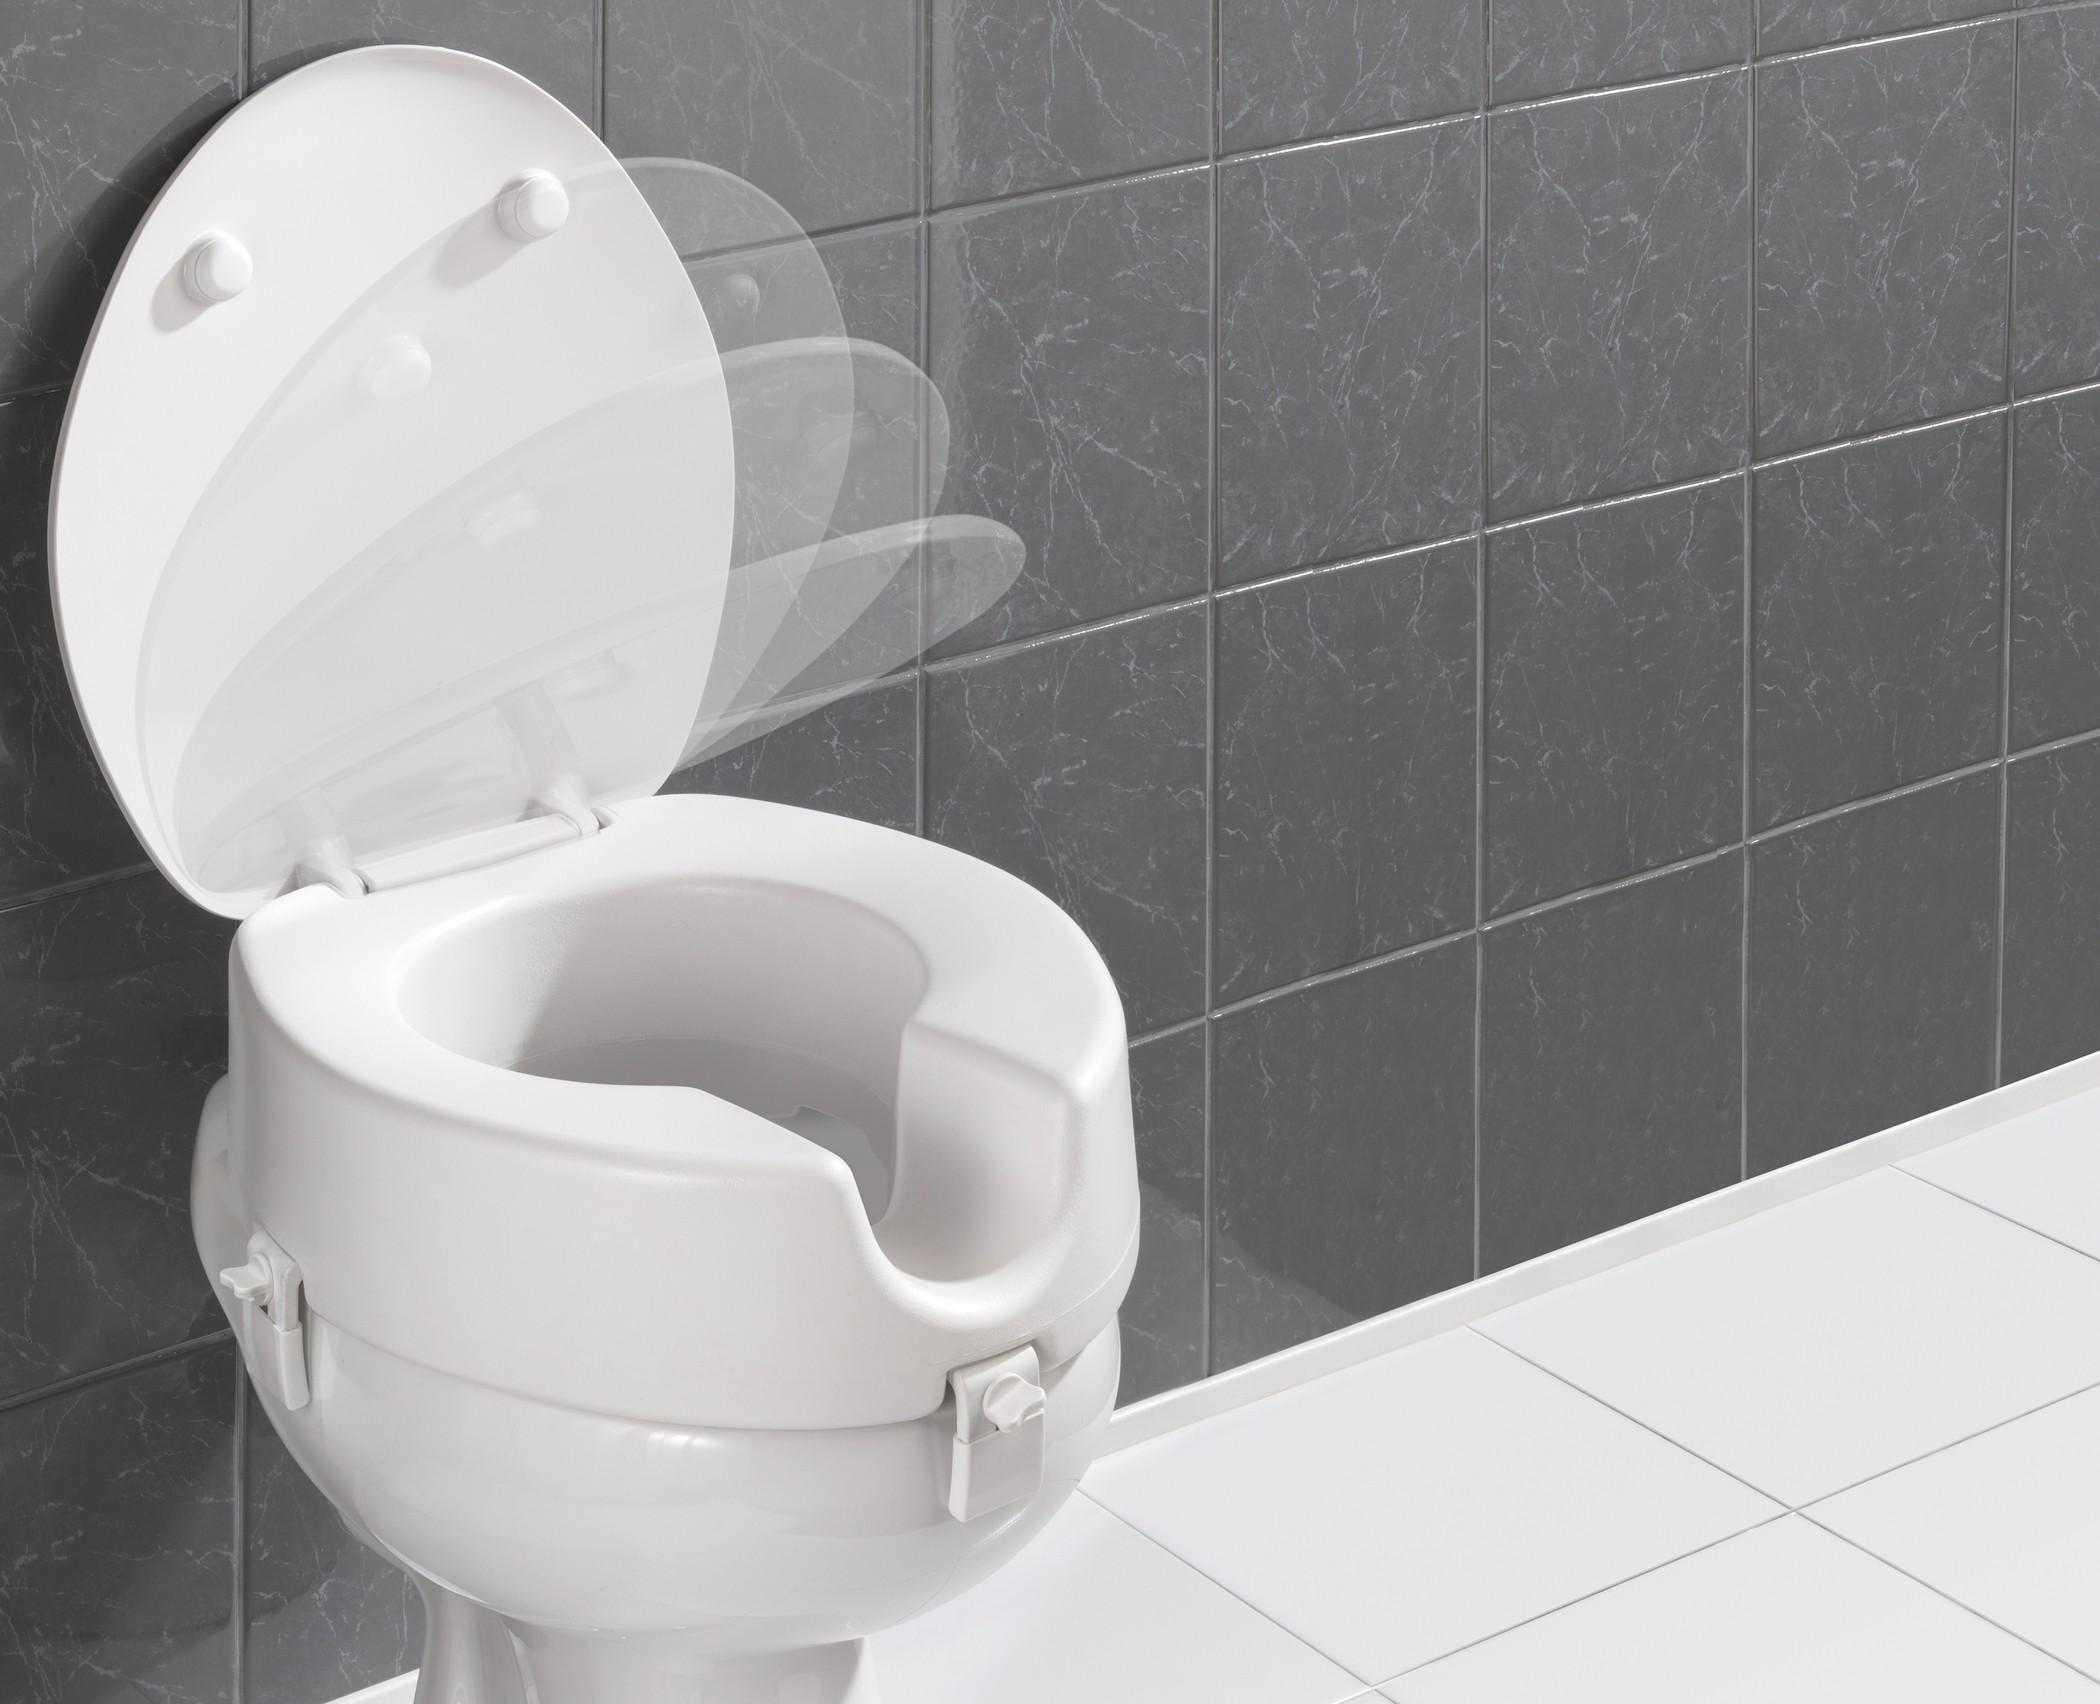 Sedili Wc Ikea : Wc sitzerhöhung wc online günstig kaufen über shop at shop